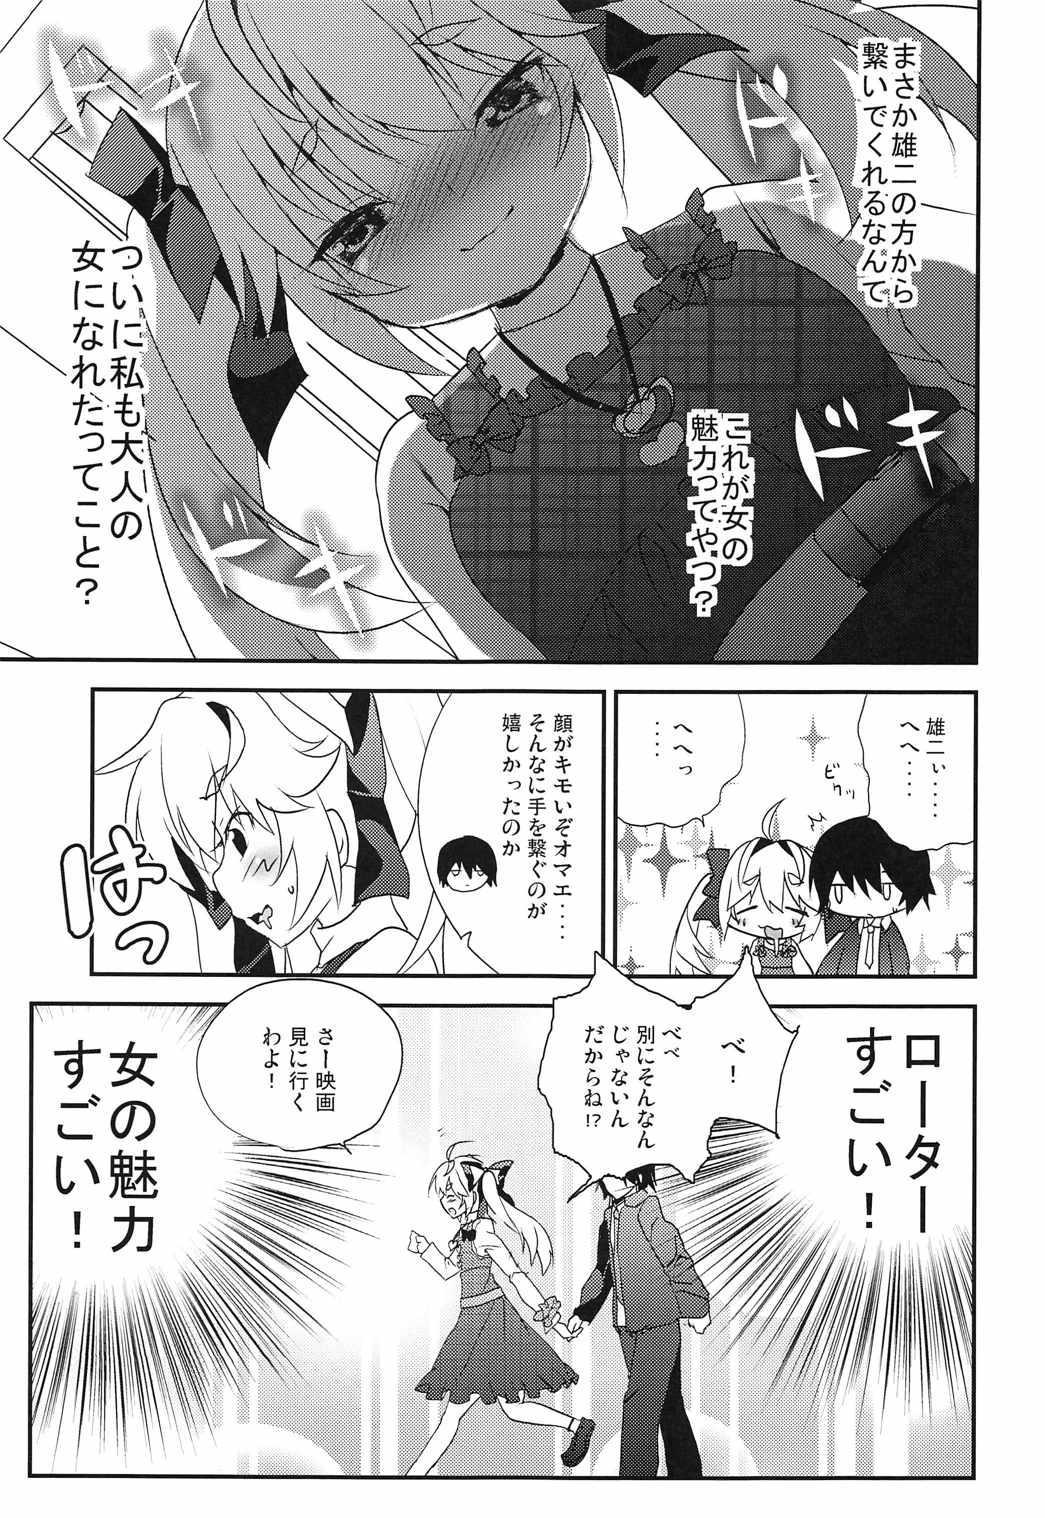 Michiru no Date Daisakusen 5